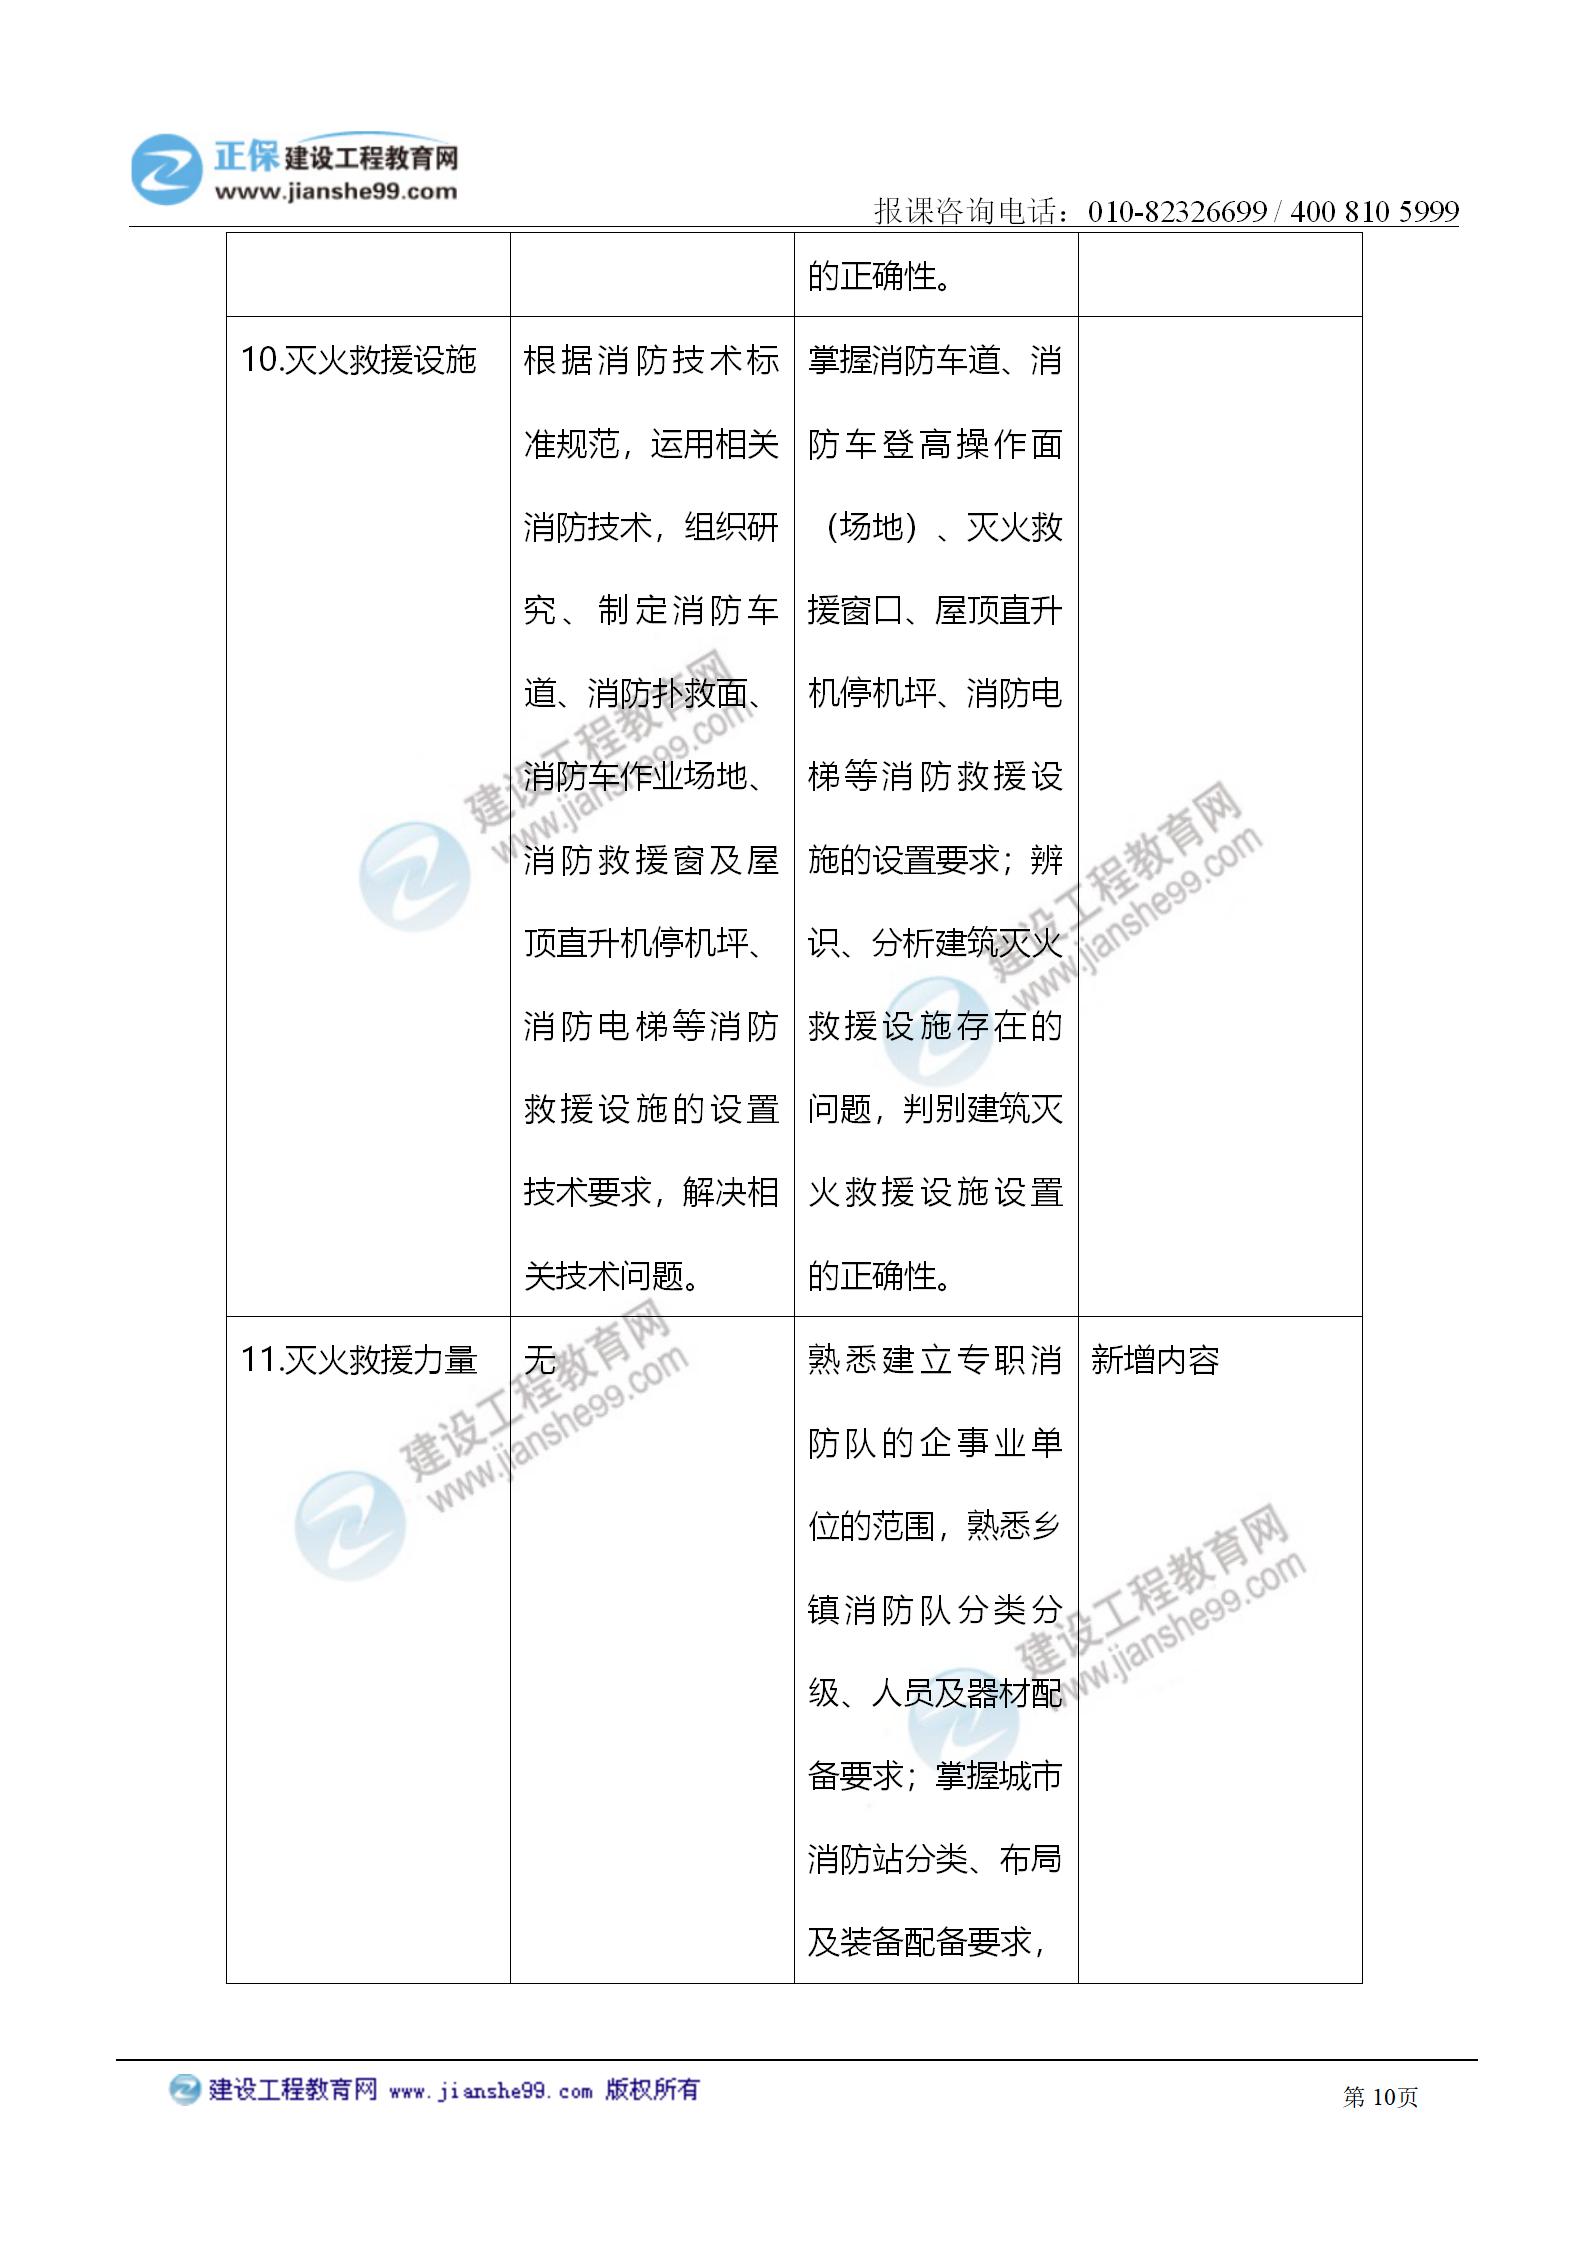 2021注册消防工程师《技术实务》考试大纲变化情况_10